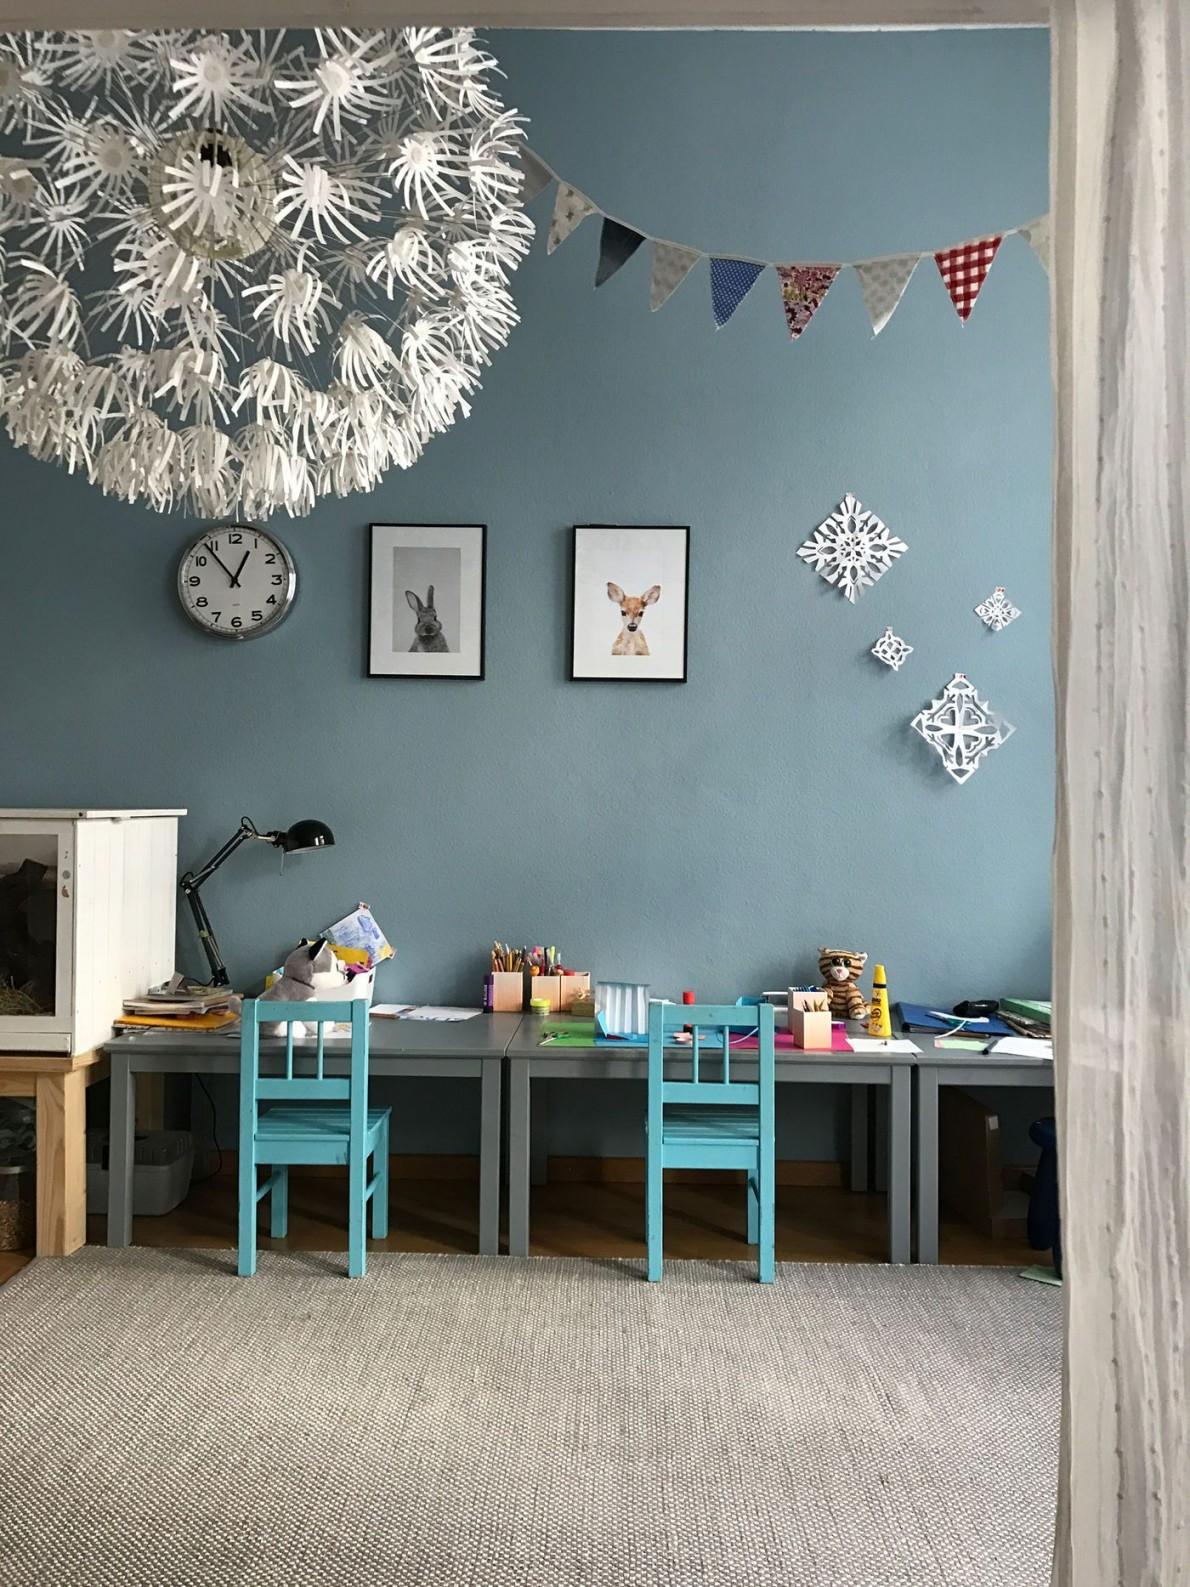 Die Besten Ideen Für Die Wandgestaltung Im Kinderzimmer von Babyzimmer Wände Gestalten Ideen Bild